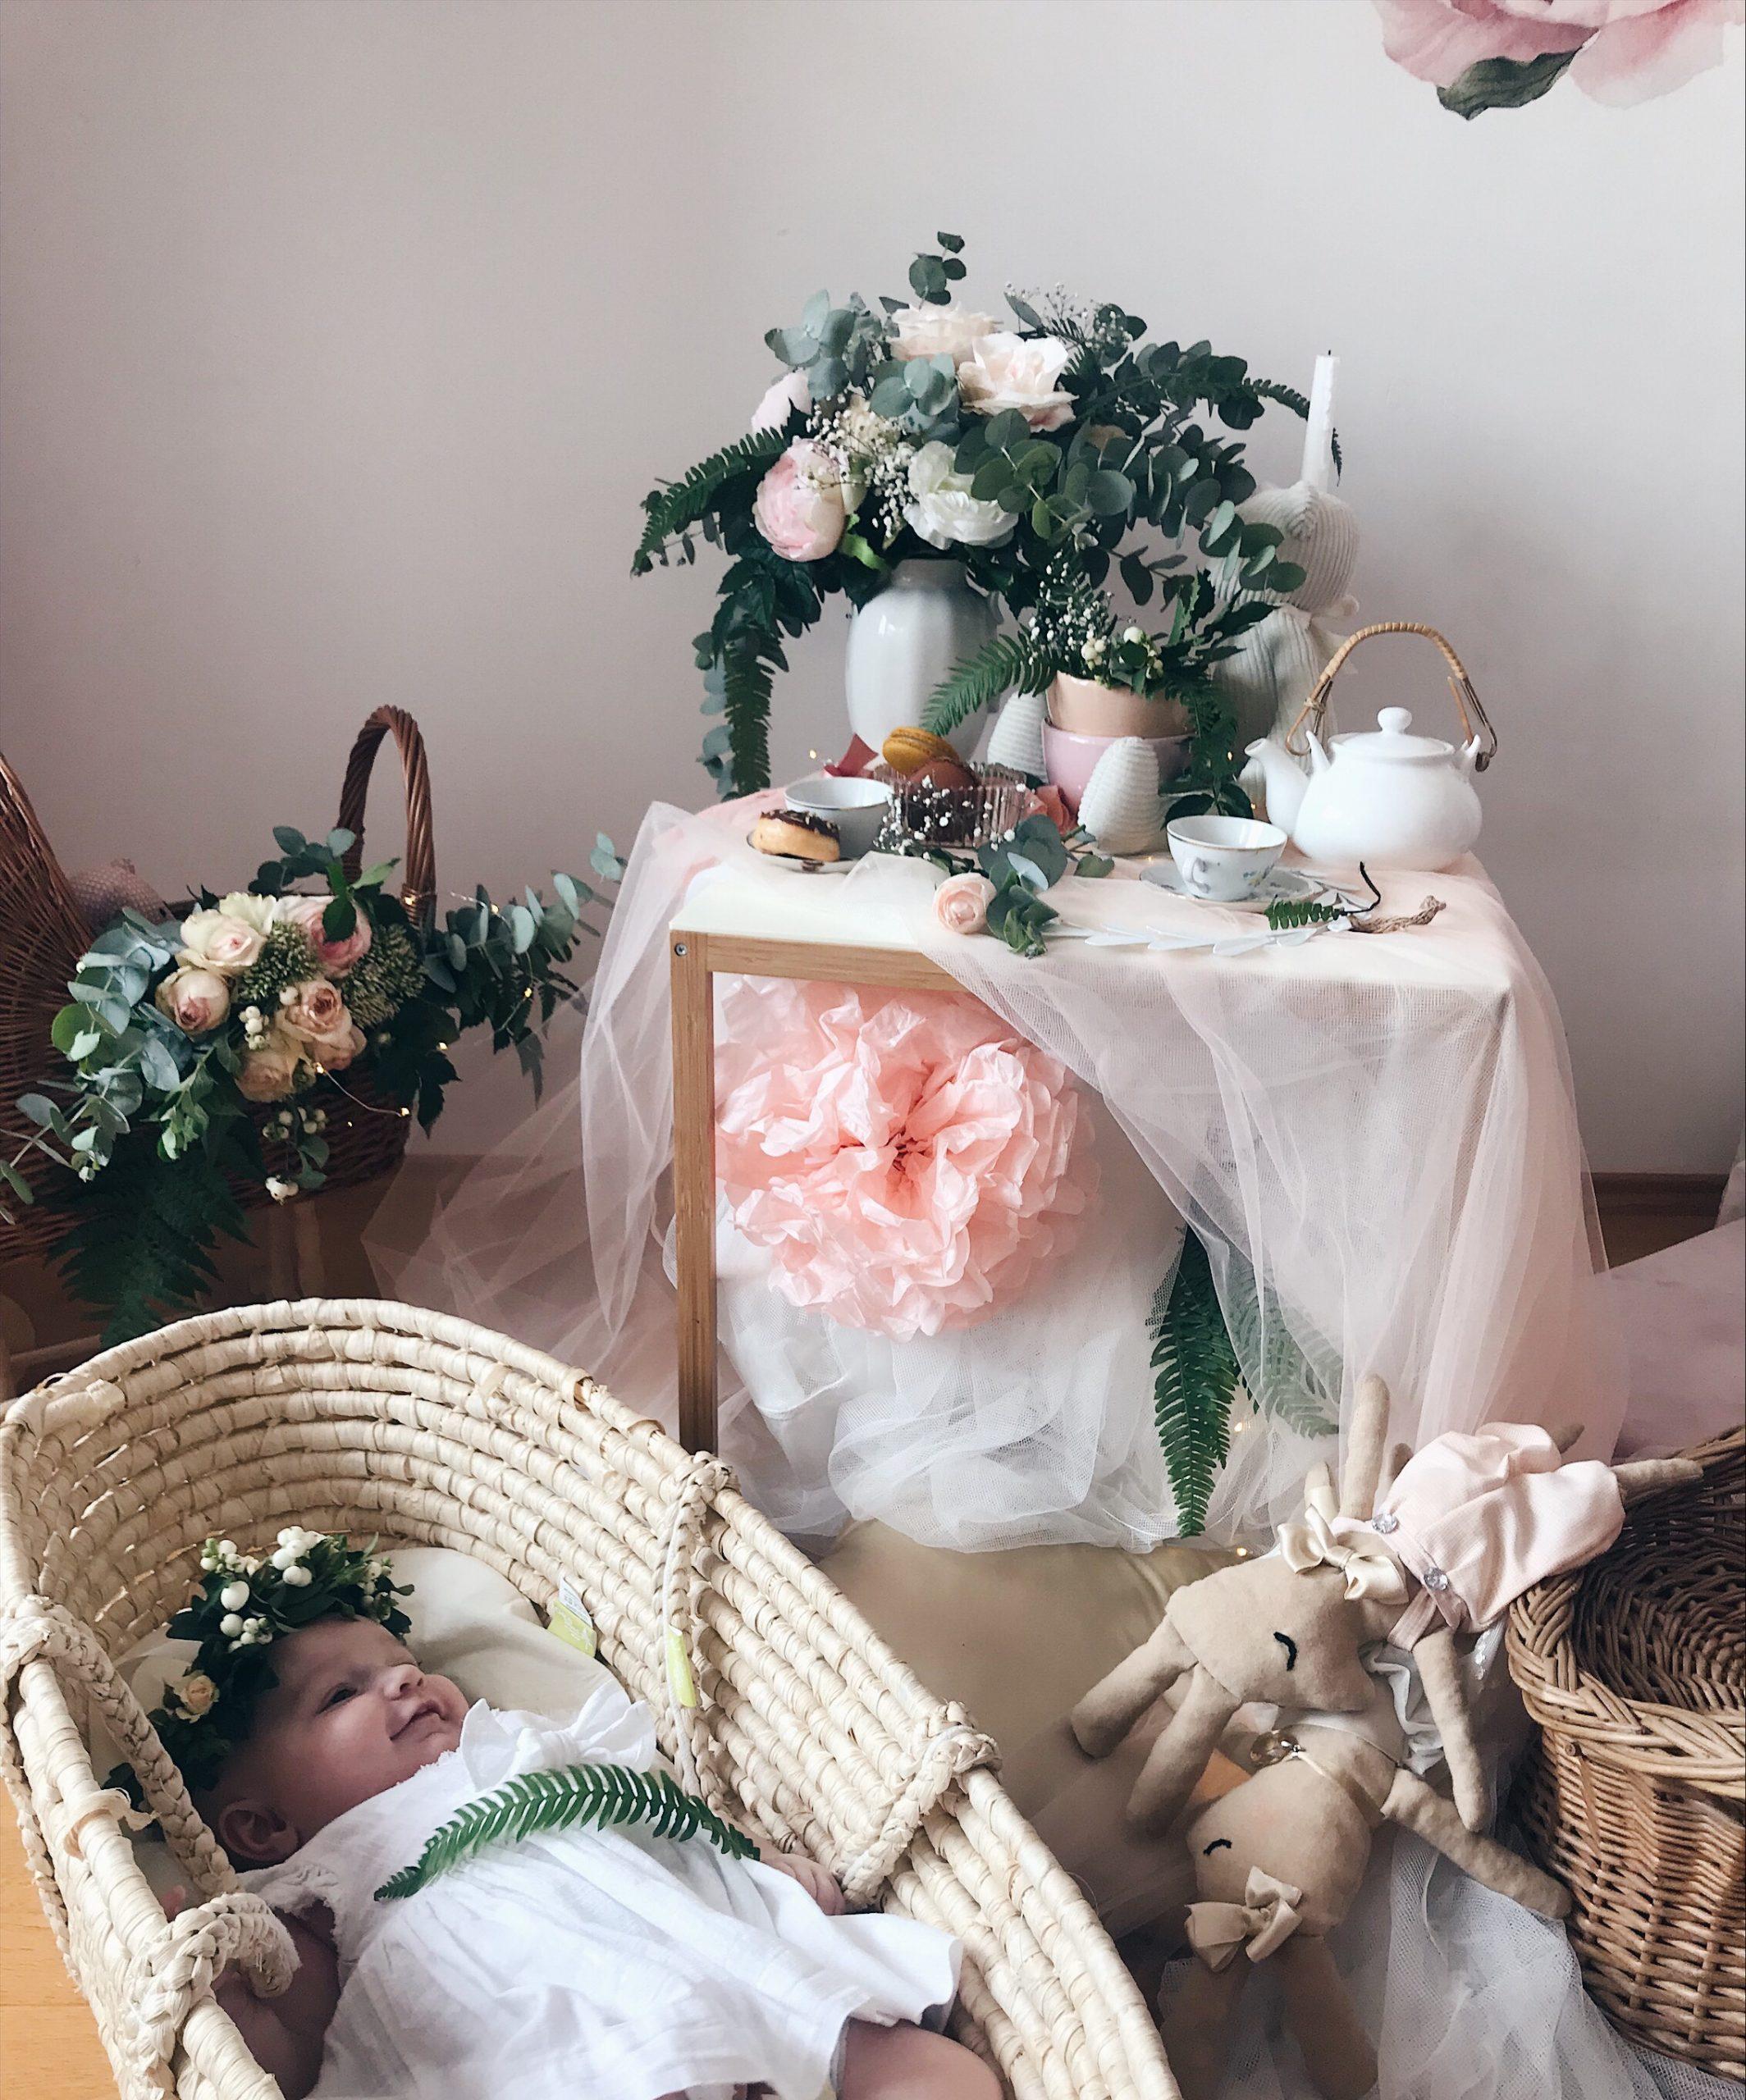 beba u košari paprat dekoracija dječje sobe